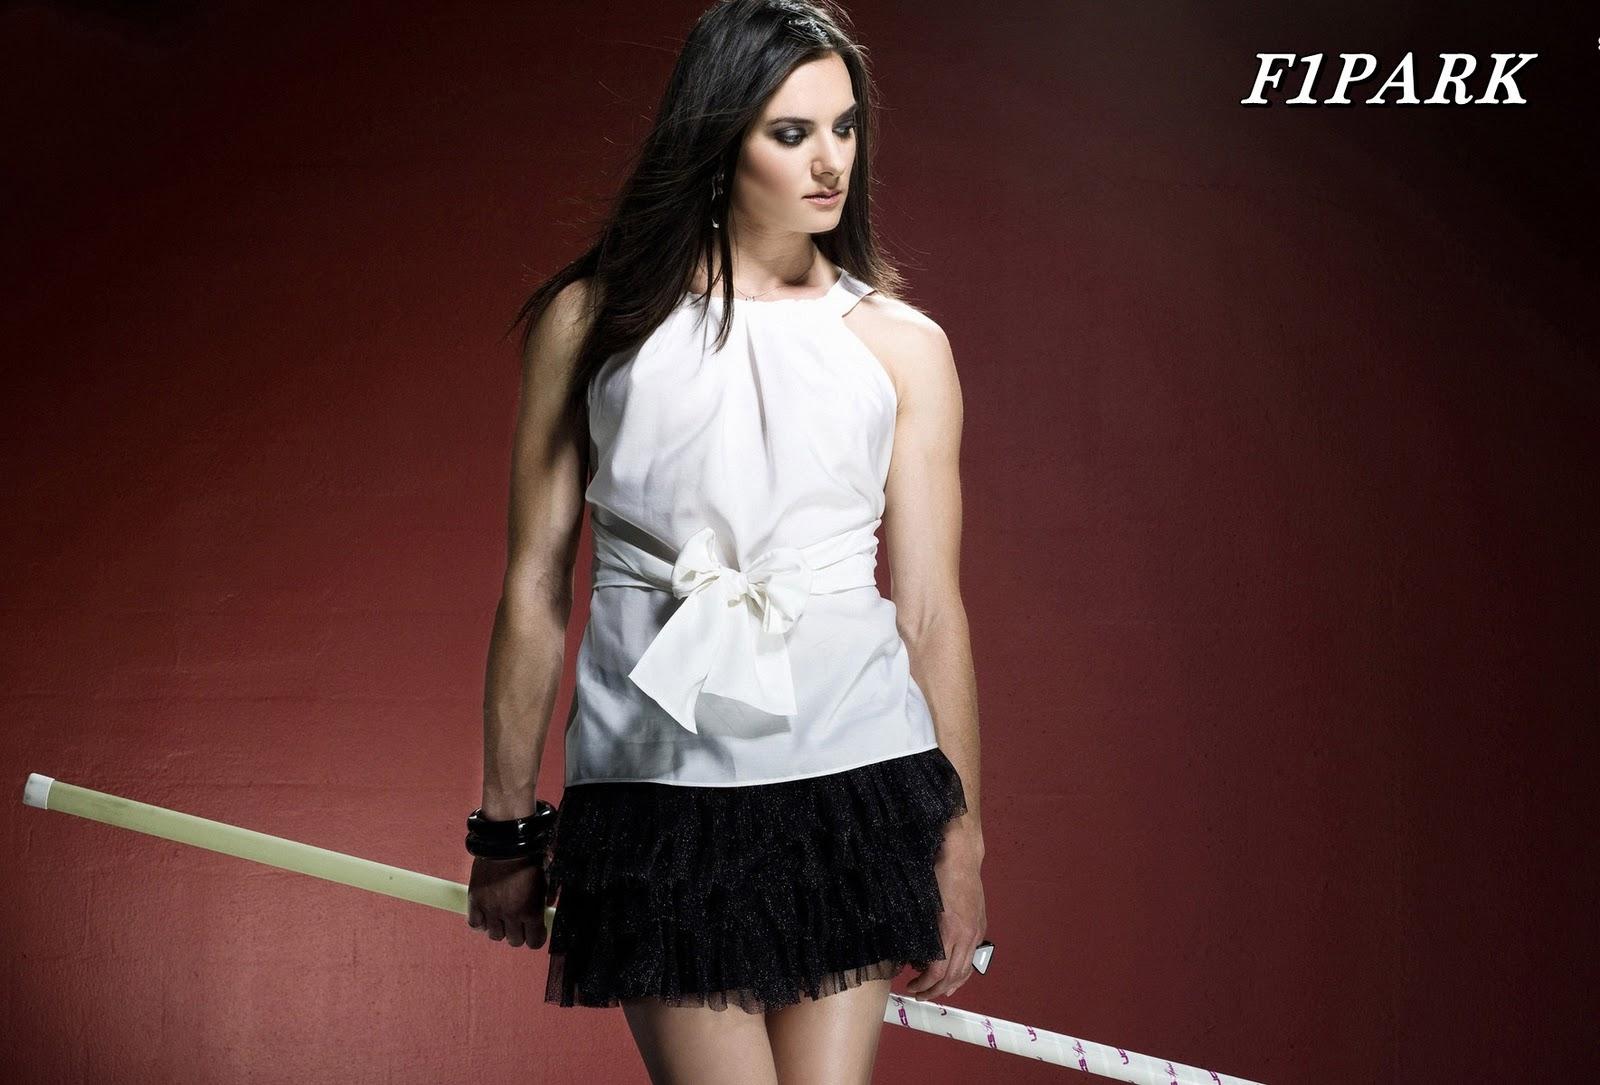 http://3.bp.blogspot.com/-EqE1PSBBAJQ/TywUGAVi0II/AAAAAAAANz0/mB_C9z7DFu0/s1600/Yelena-Isinbayeva-F1PARK-06.jpg